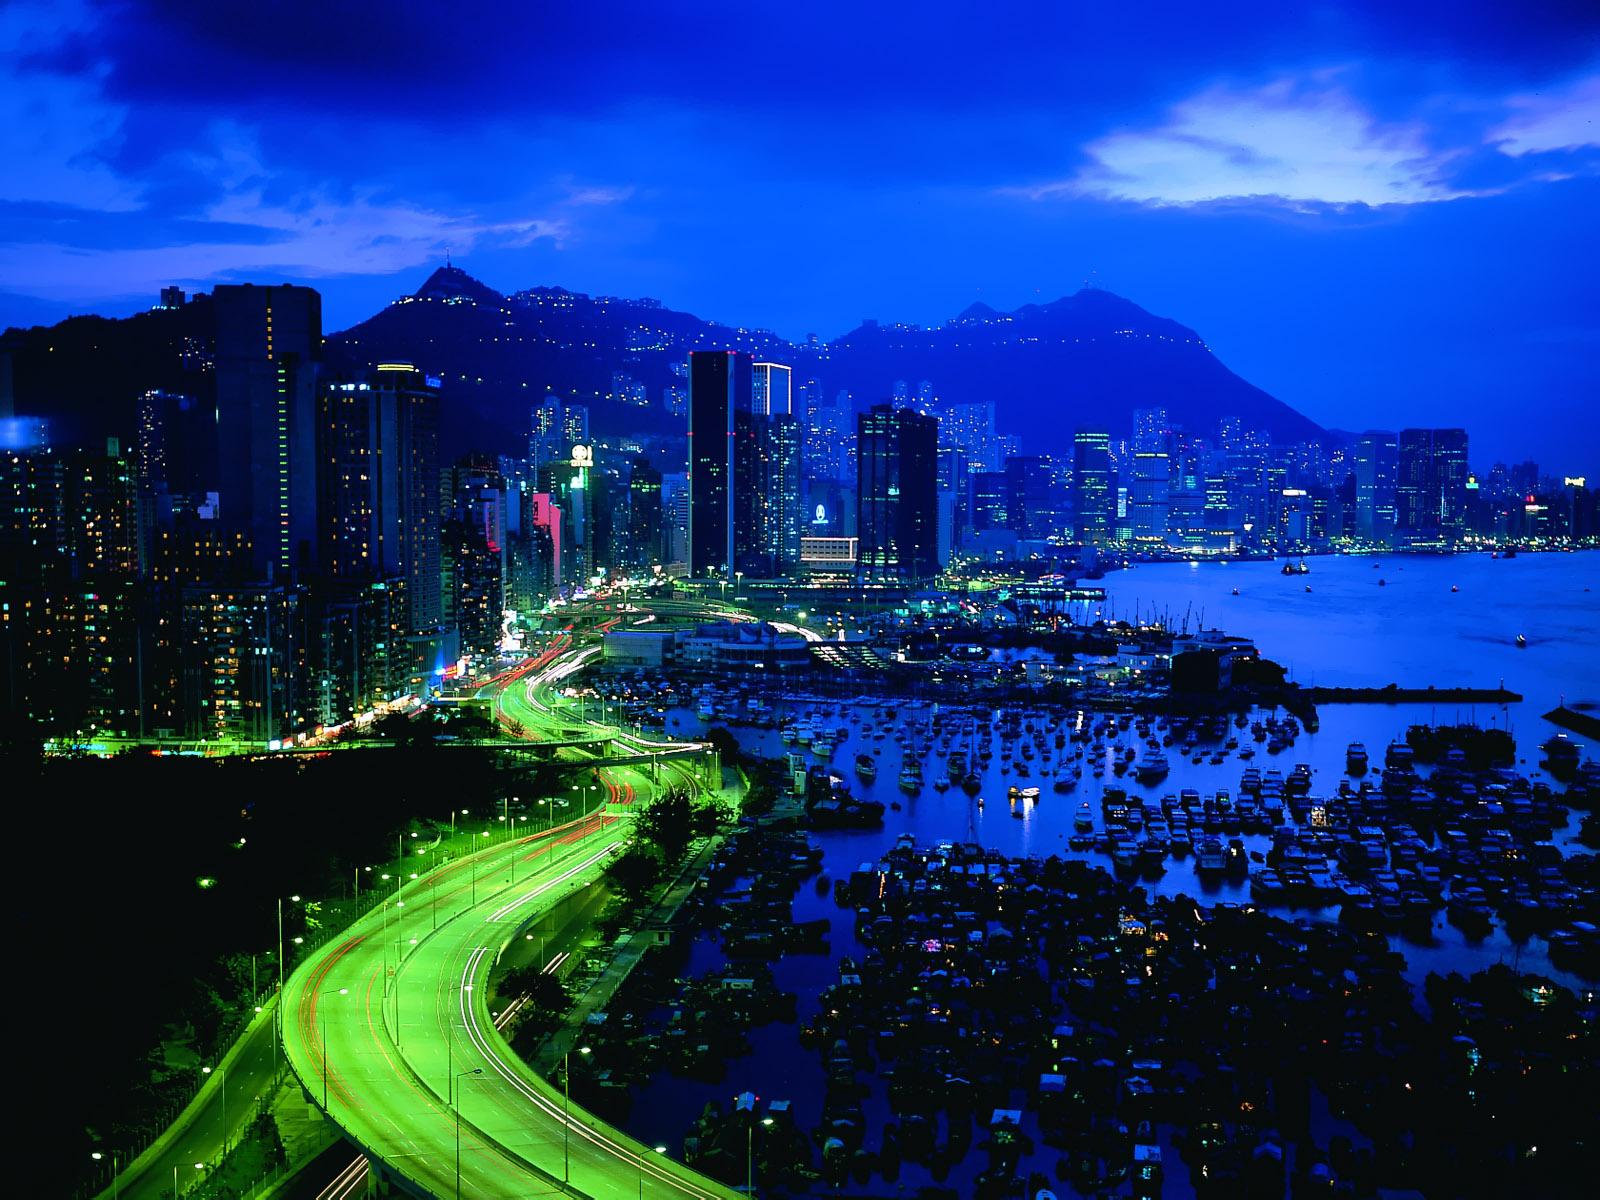 http://2.bp.blogspot.com/-qzOlL7CnKyY/TfsIAOmkUFI/AAAAAAAAFZs/jdDsbKKpCAw/s1600/hong-kong-rush.jpg